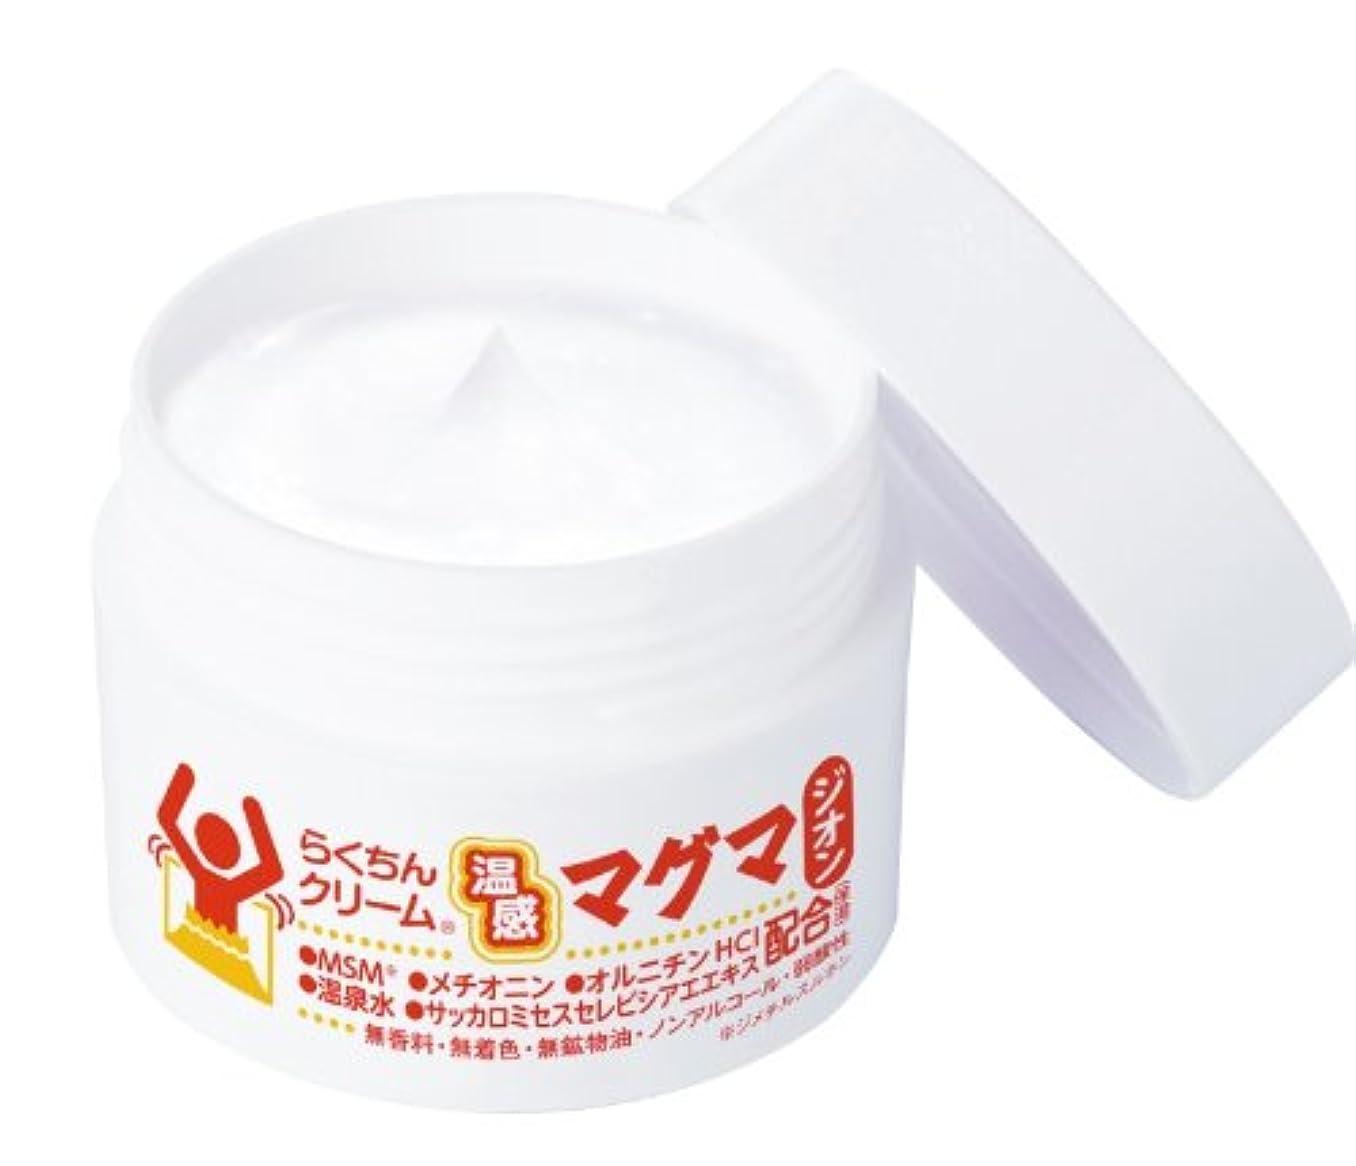 励起掃除全体にらくちんクリーム 温感マグマ ジオン 3個セット ※プロも認めたマッサージクリーム!温感マグマ!自然素材の刺激がリラックス気分をもたらせます!